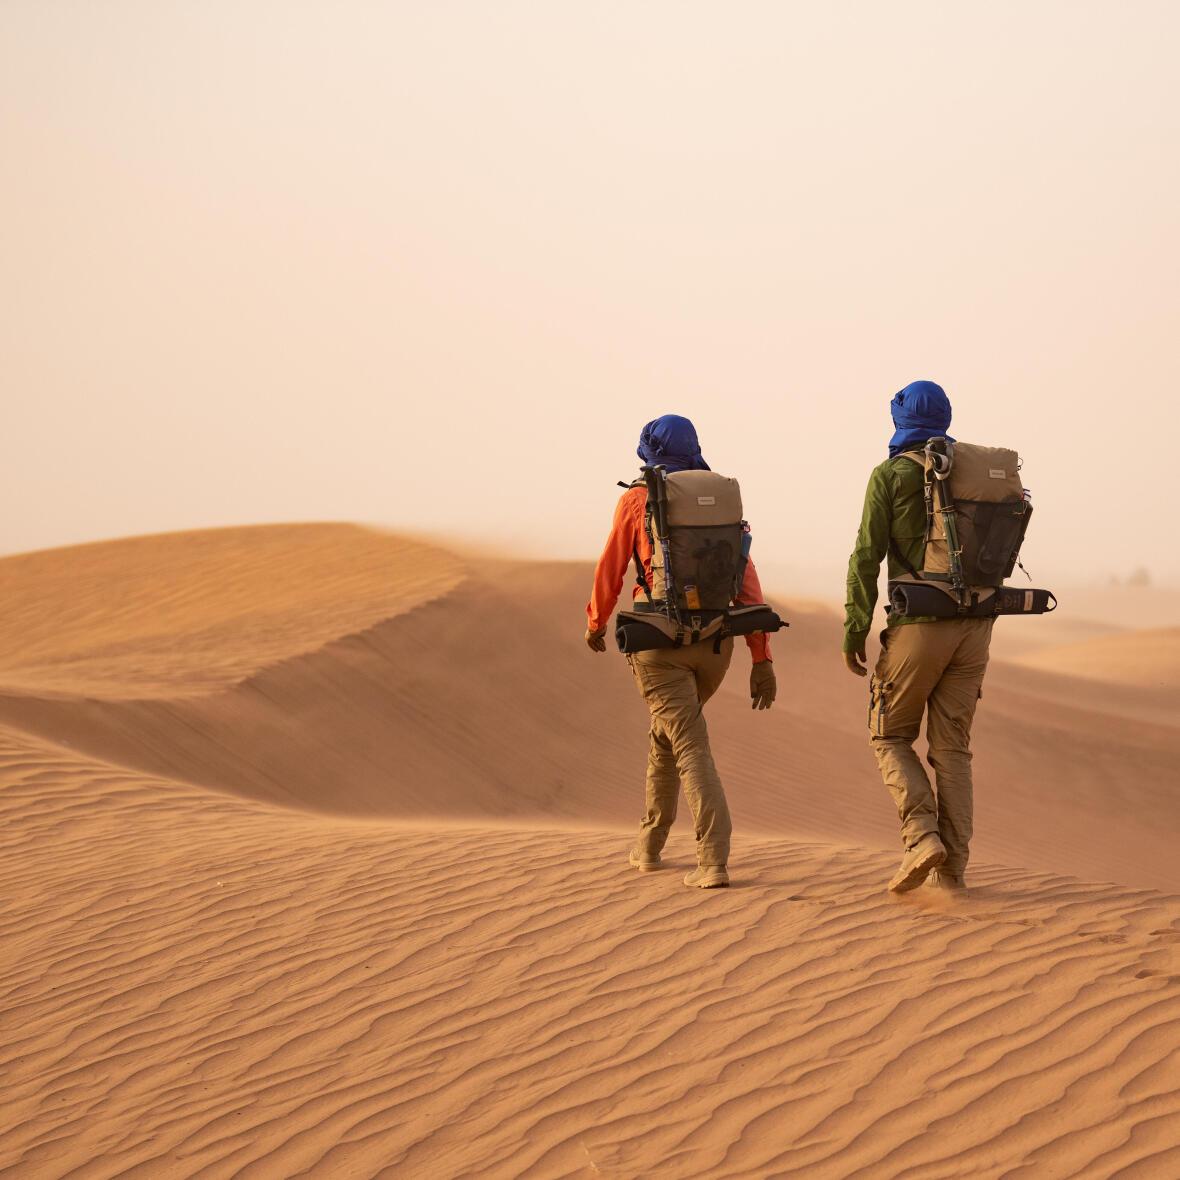 Maroc où et quand partir pour un trek dans le désert